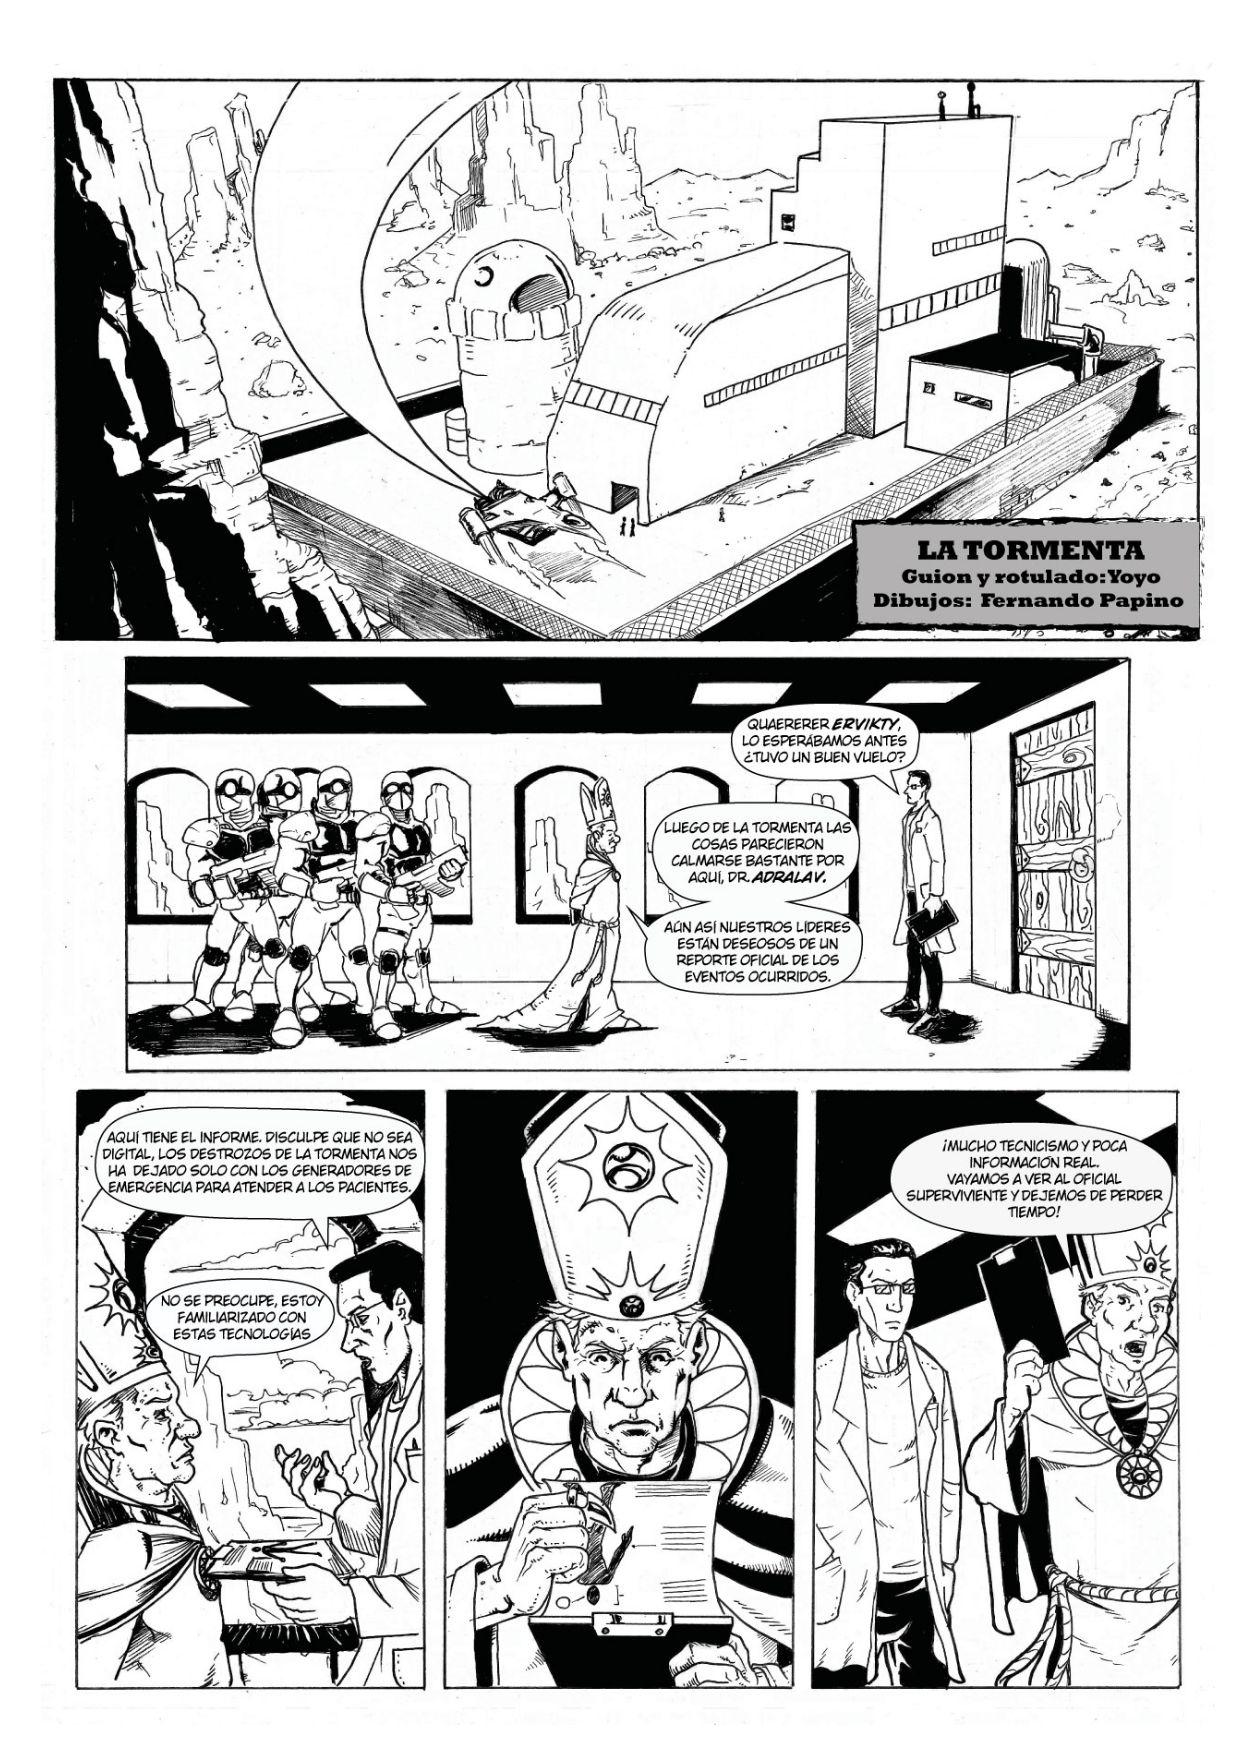 Monstruo-y-otras-historias-01